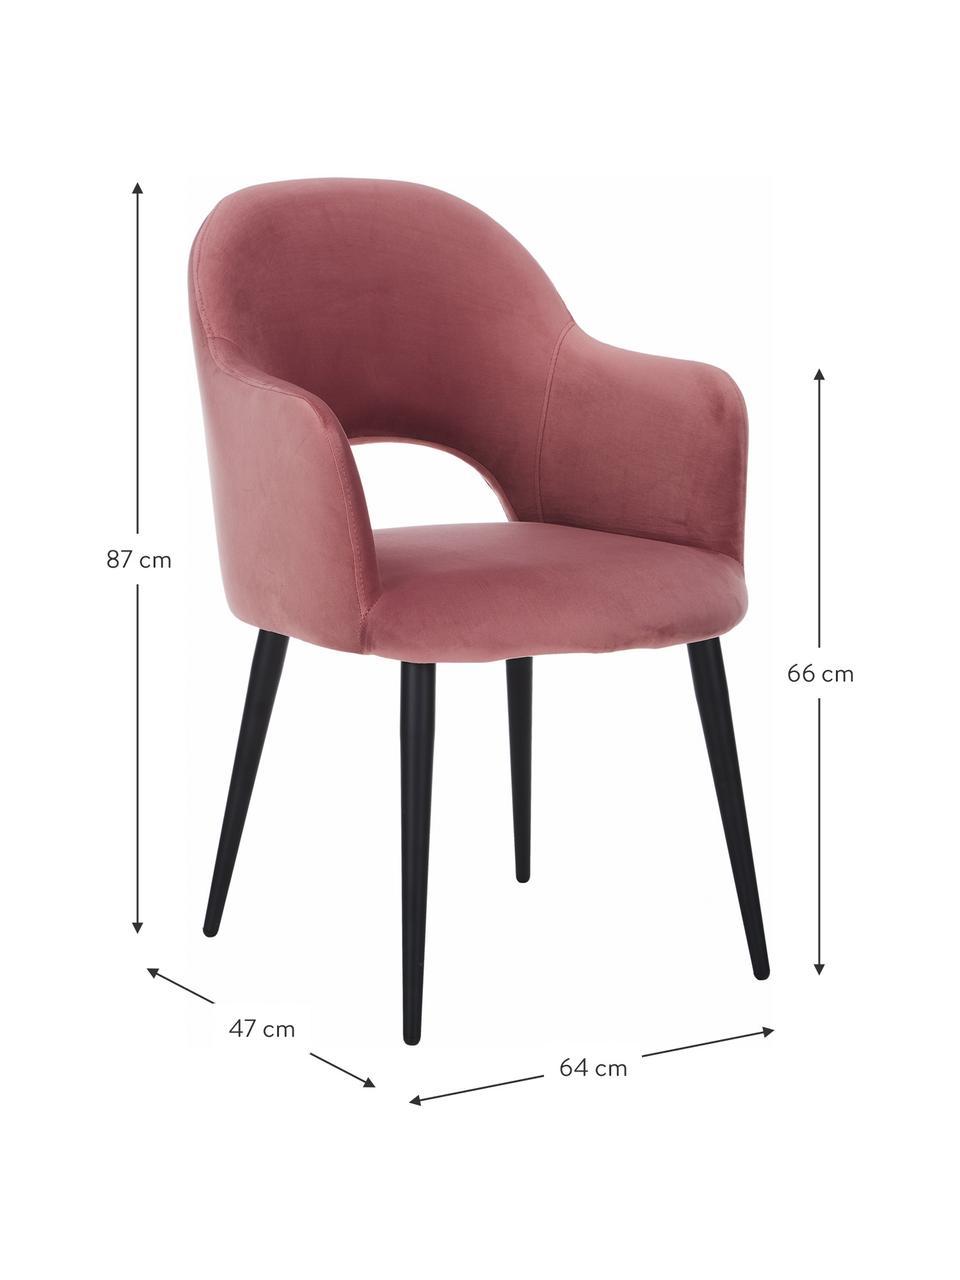 Sedia con braccioli in velluto rosa cipria Rachel, Rivestimento: velluto (poliestere) Il r, Gambe: metallo verniciato a polv, Velluto rosa cipria, Larg. 64 x Prof. 47 cm